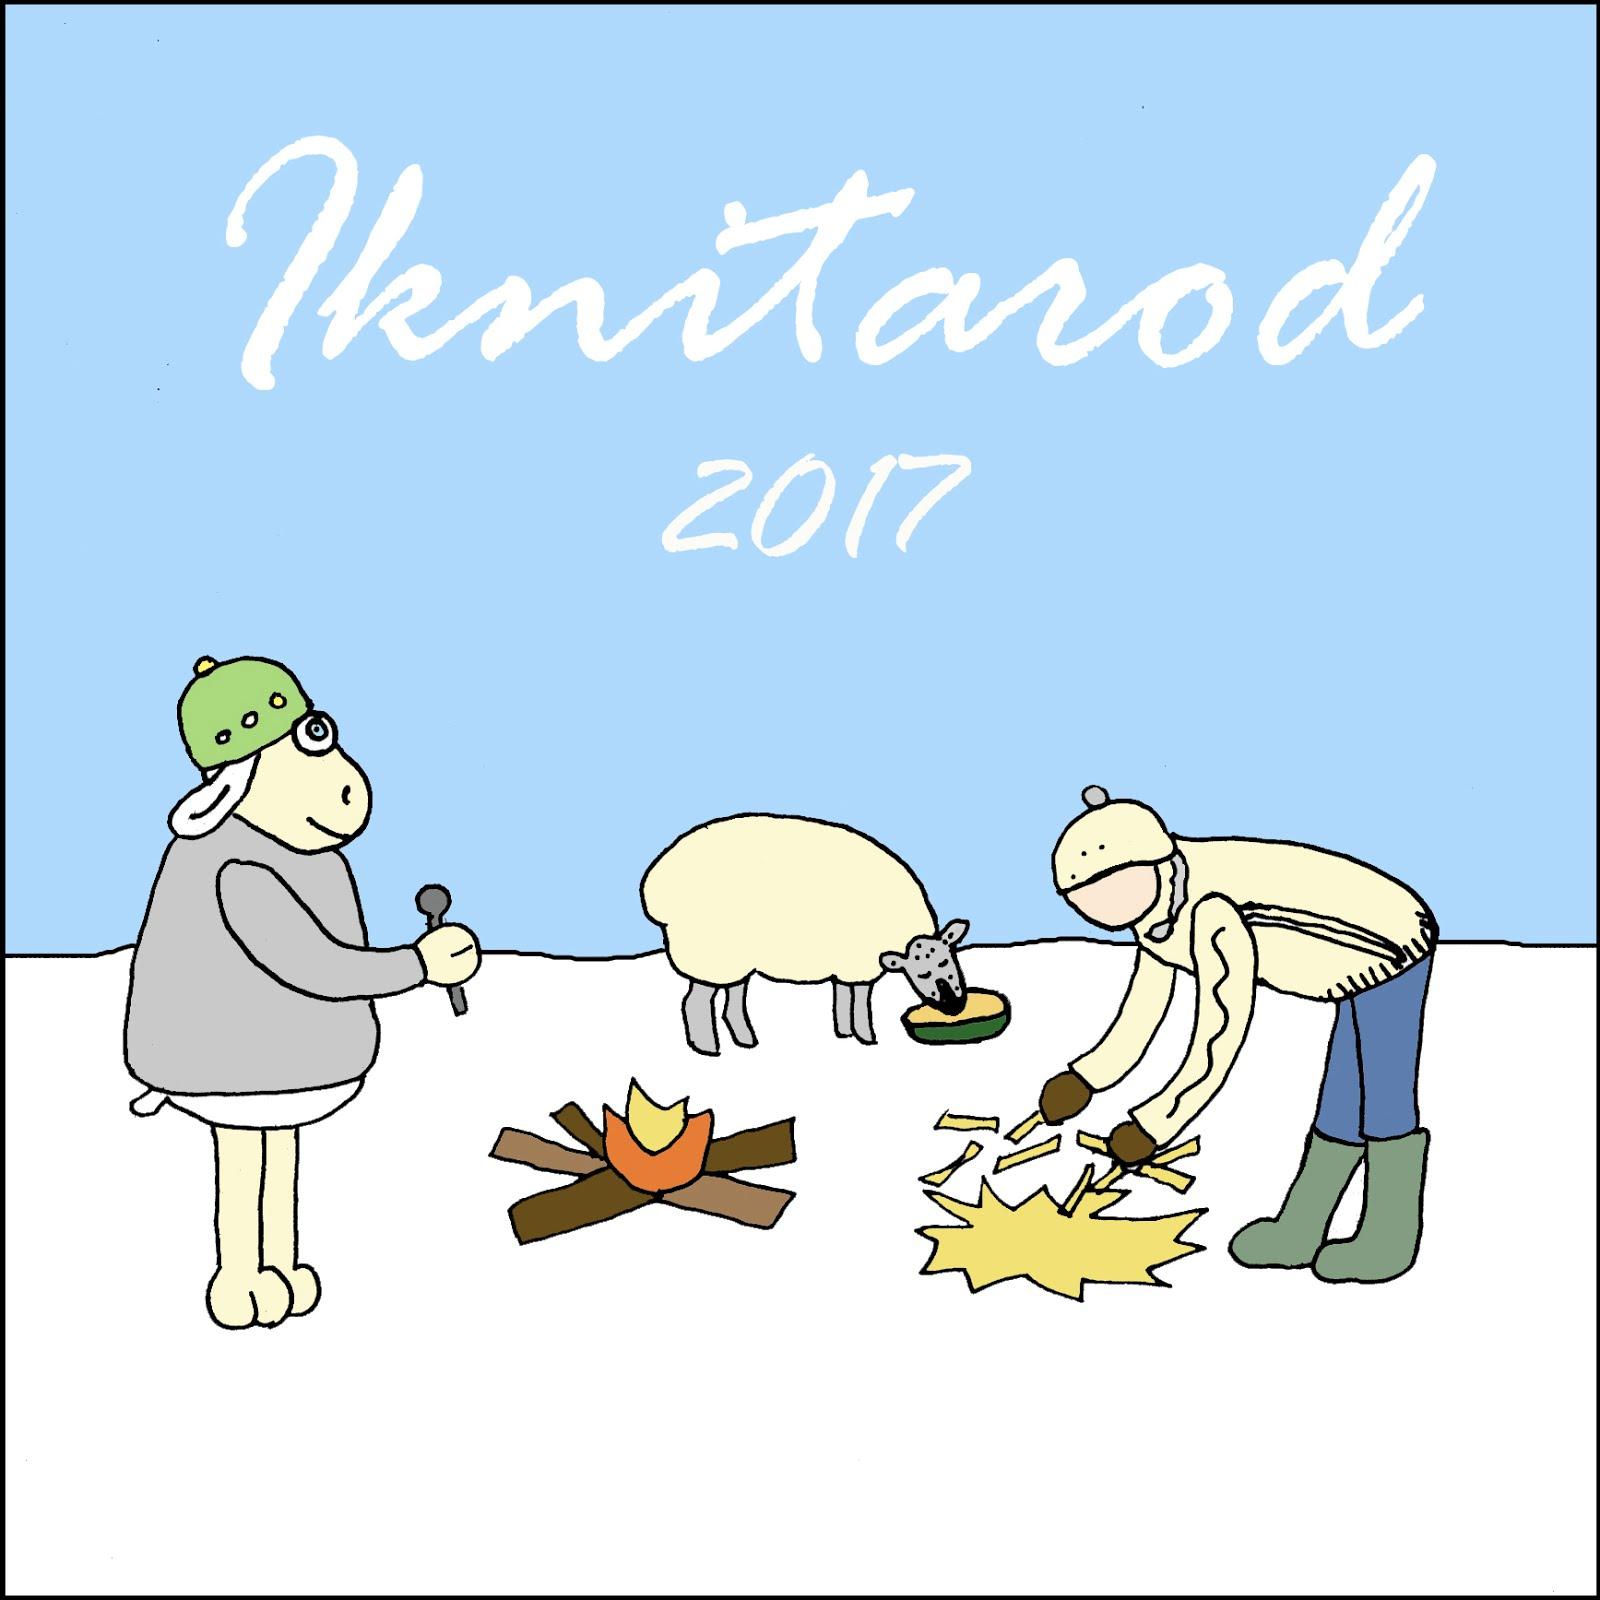 2017 Iknitarod